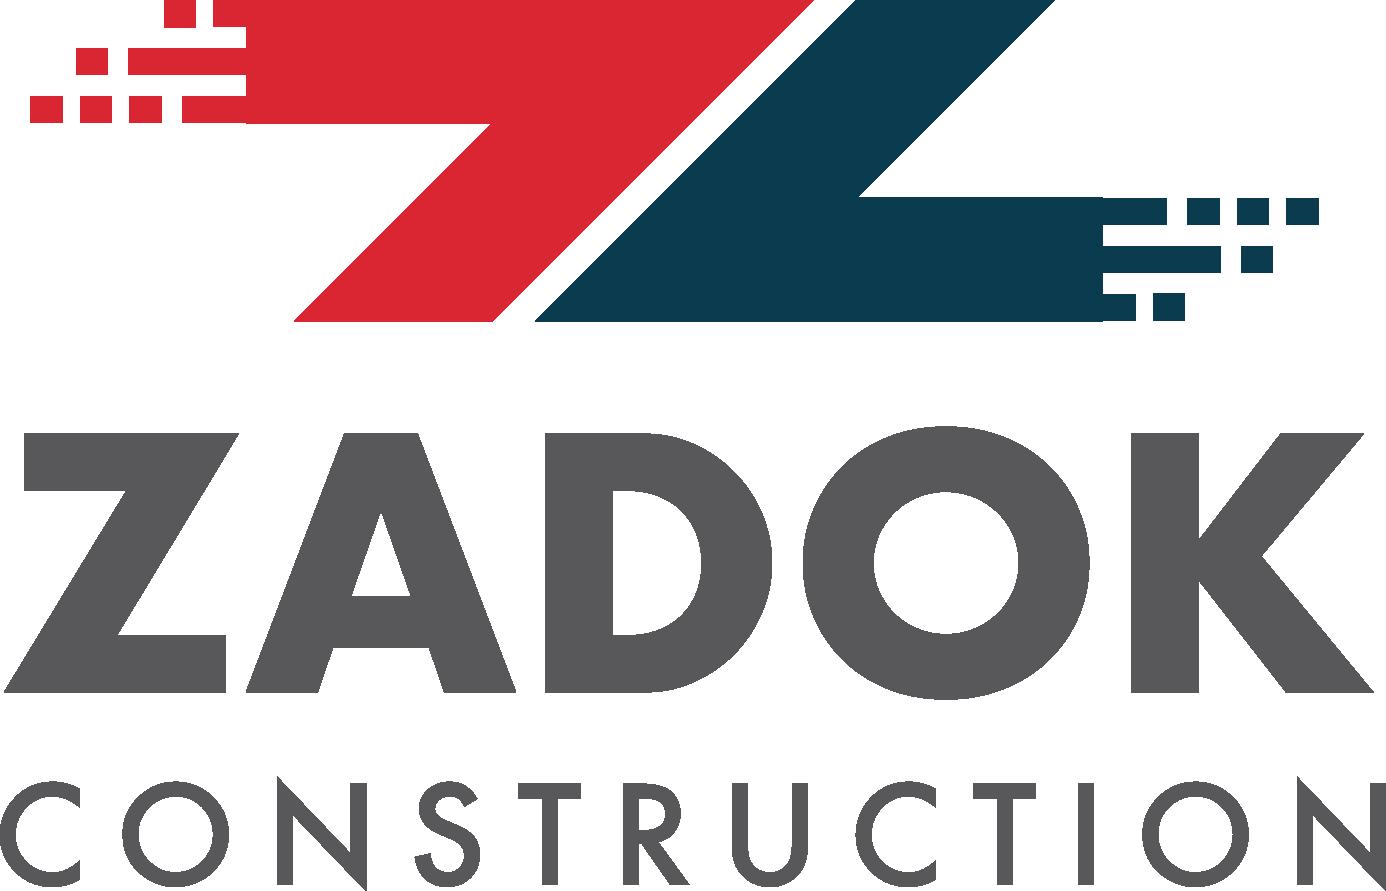 Zadok Construction